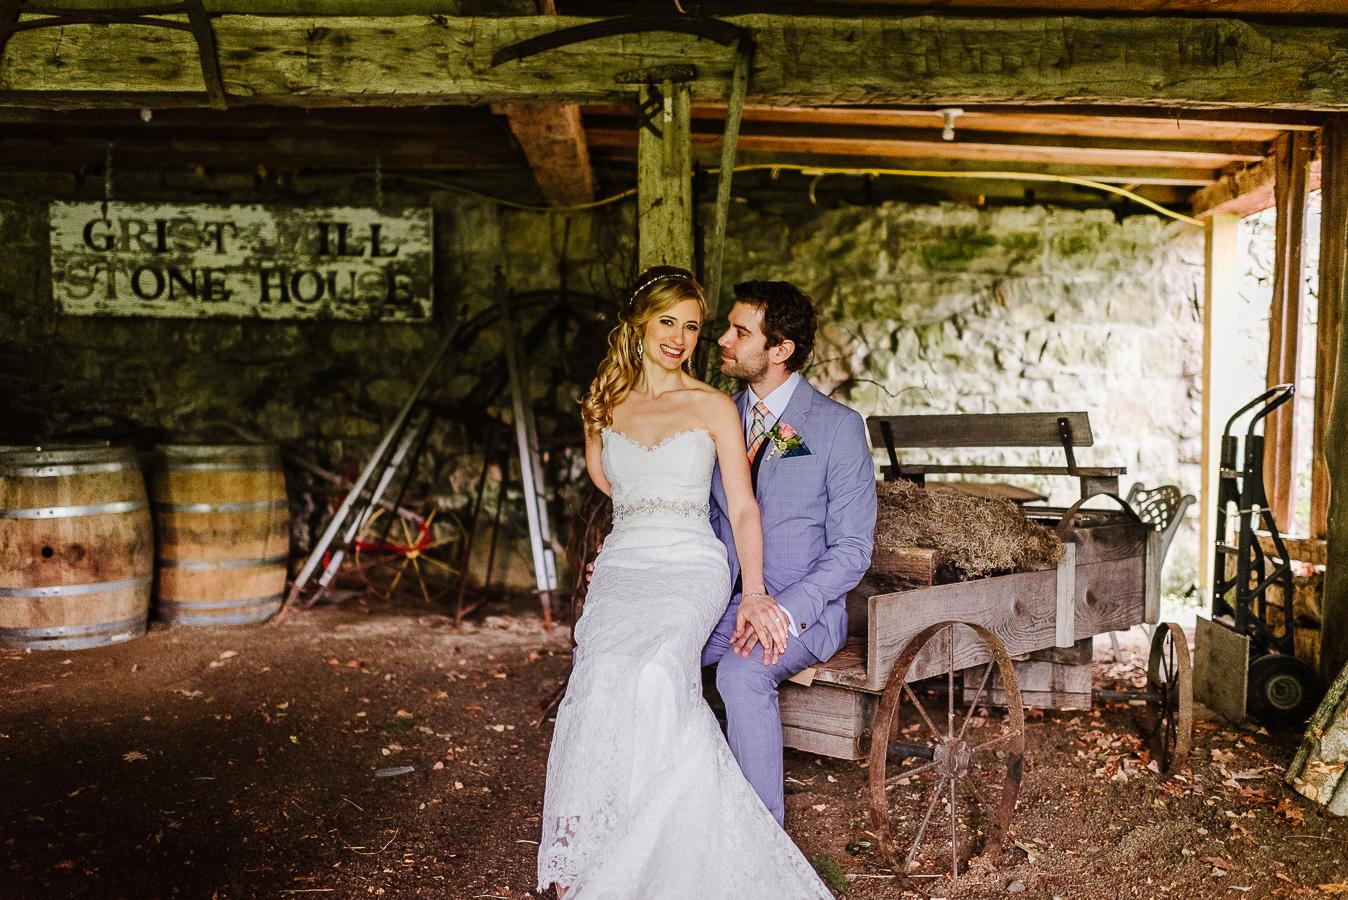 Stylish Crossed Keys Inn Wedding Crossed Keys Wedding Crossed Keys Inn Andover NJ Longbrook Photography-22.jpg